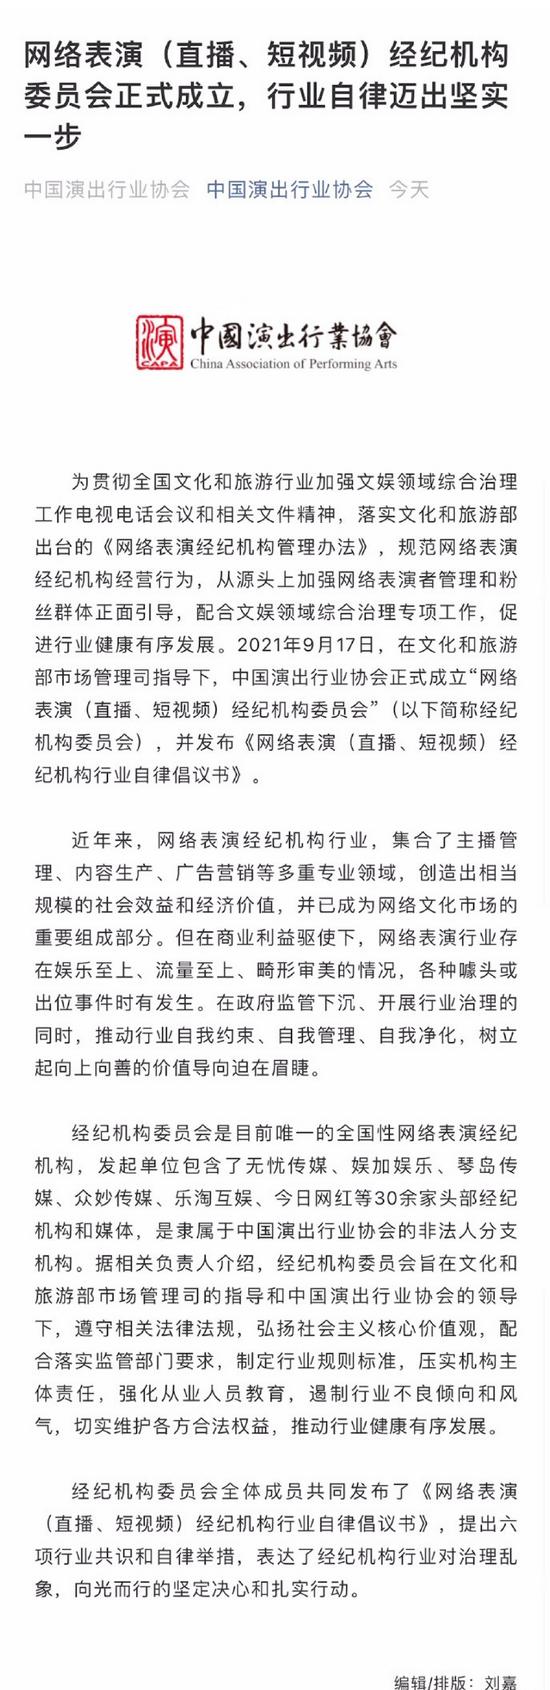 中演协网络表演经纪机构委员会成立